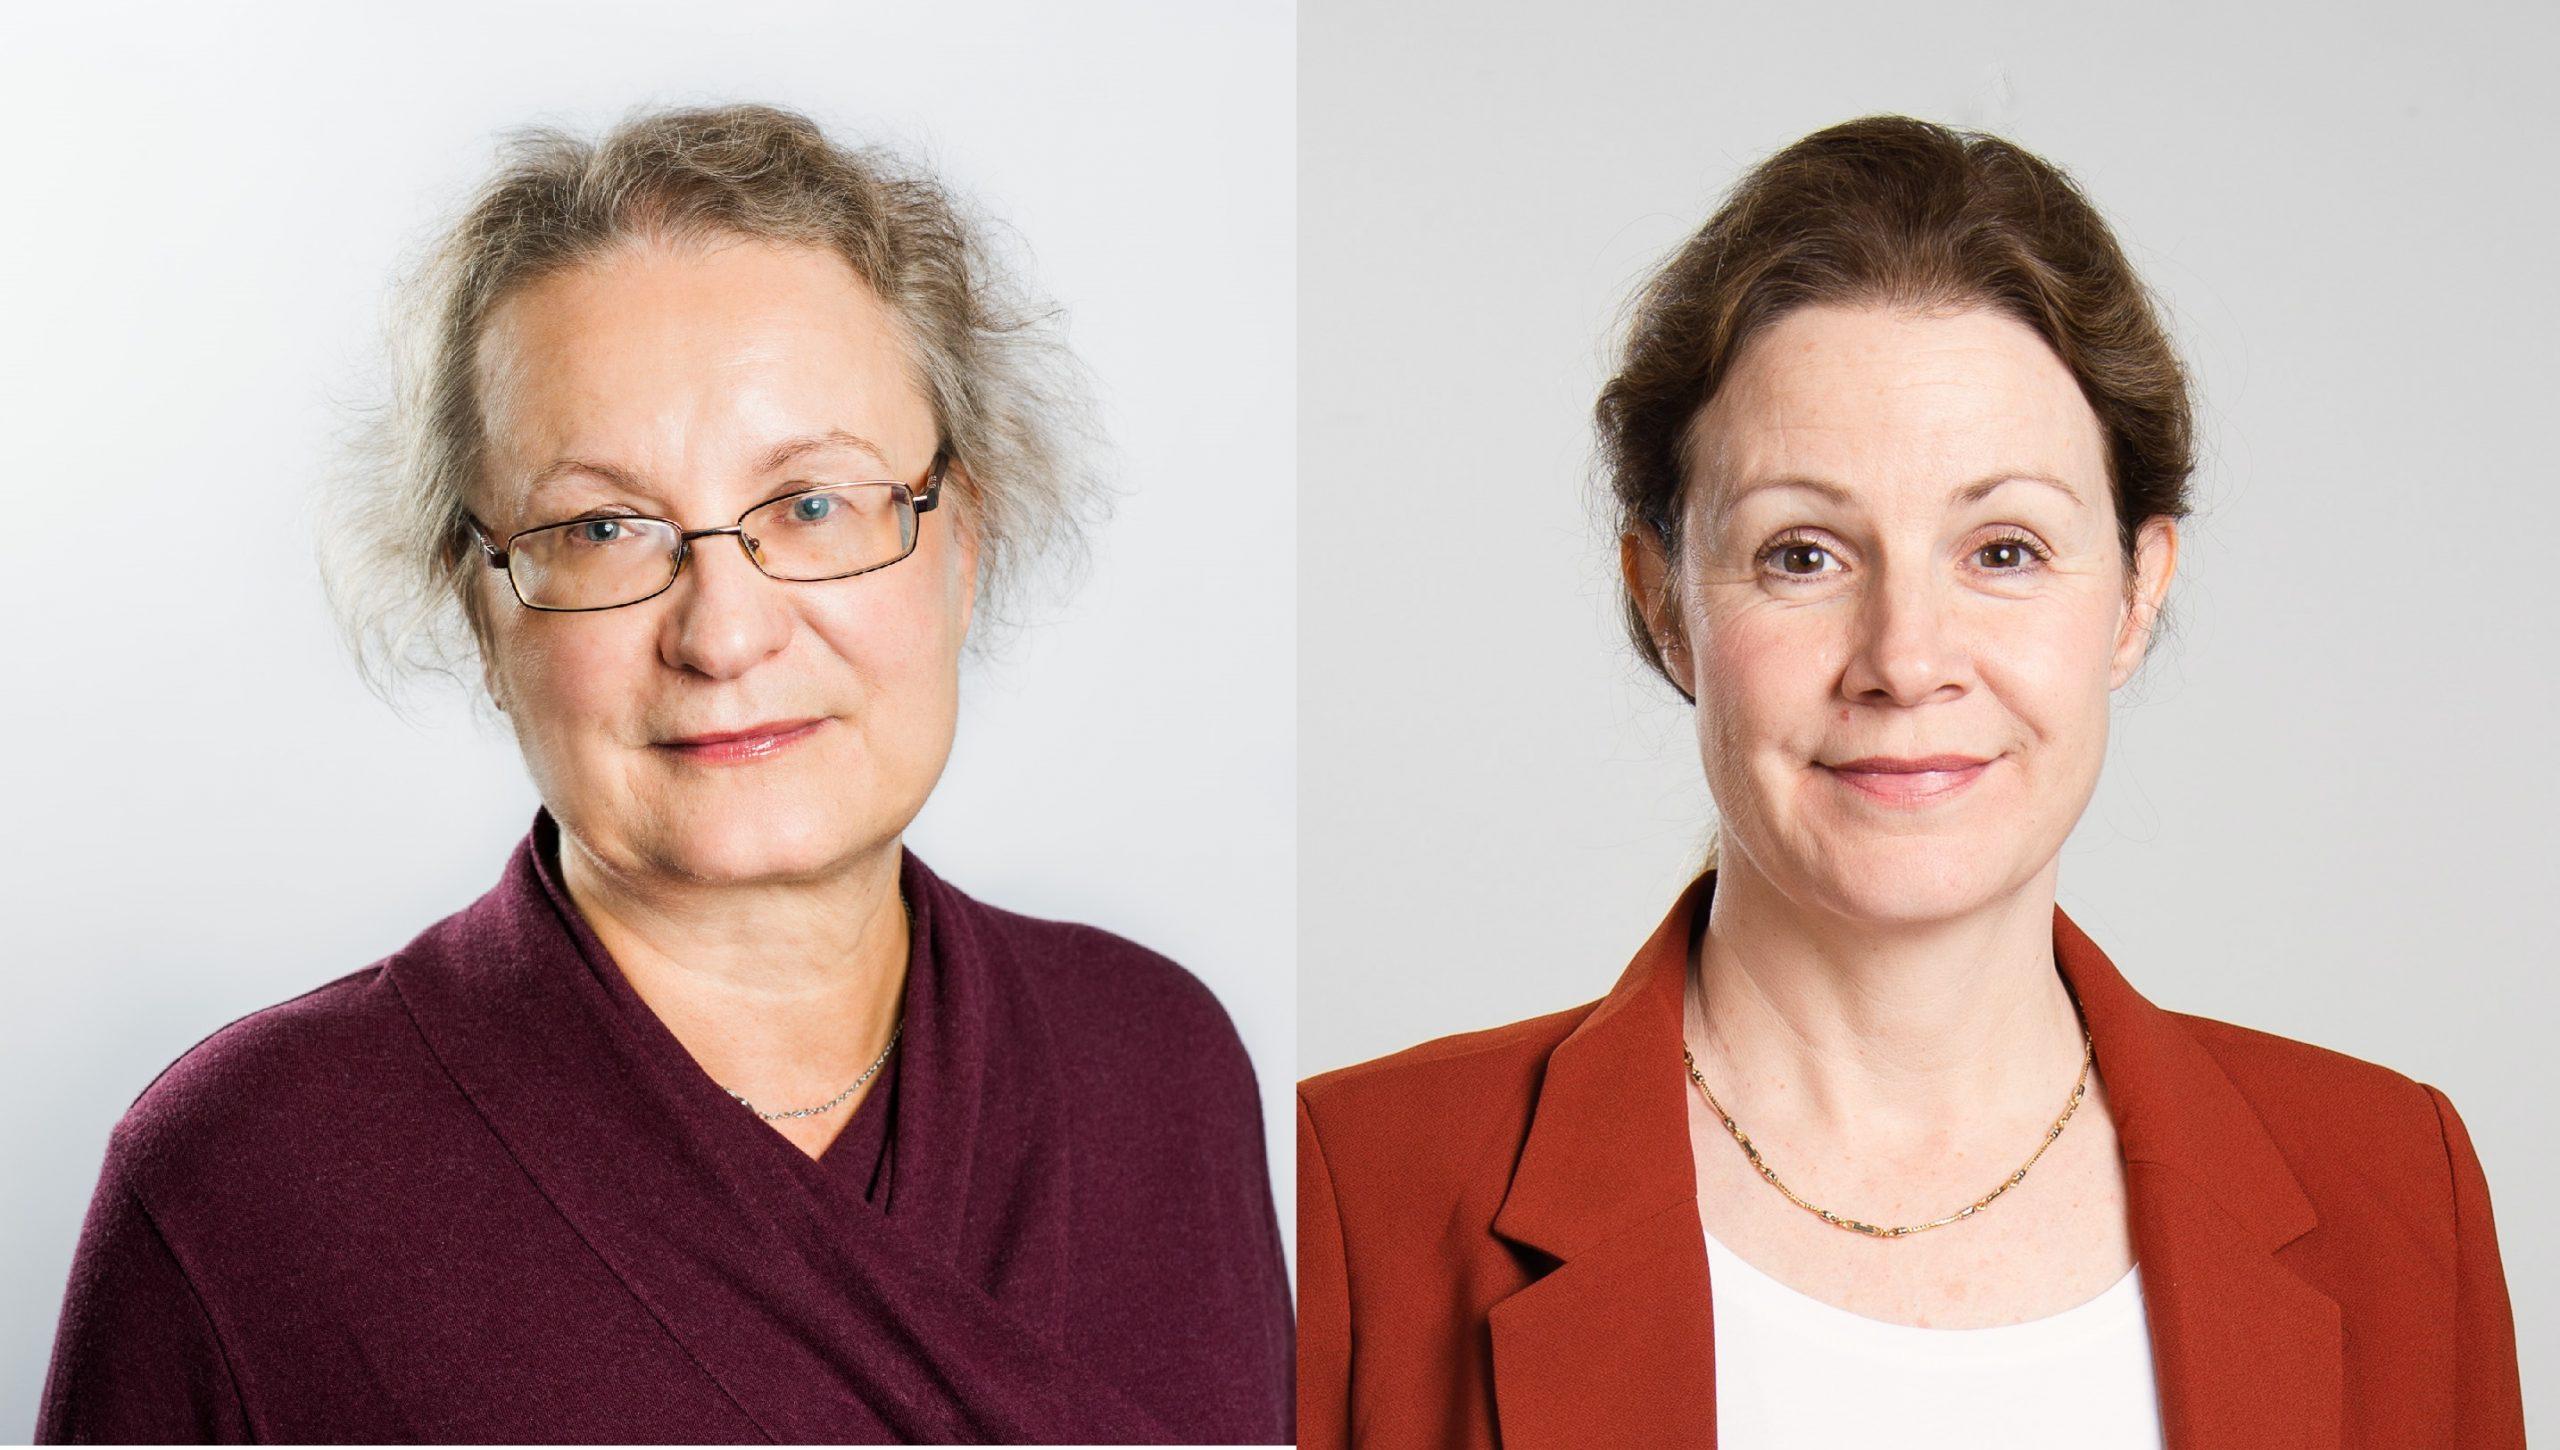 Eva Borgström Foto: Linnea Bengtsson och Christina Heilborn Foto: Charlotte Rückl